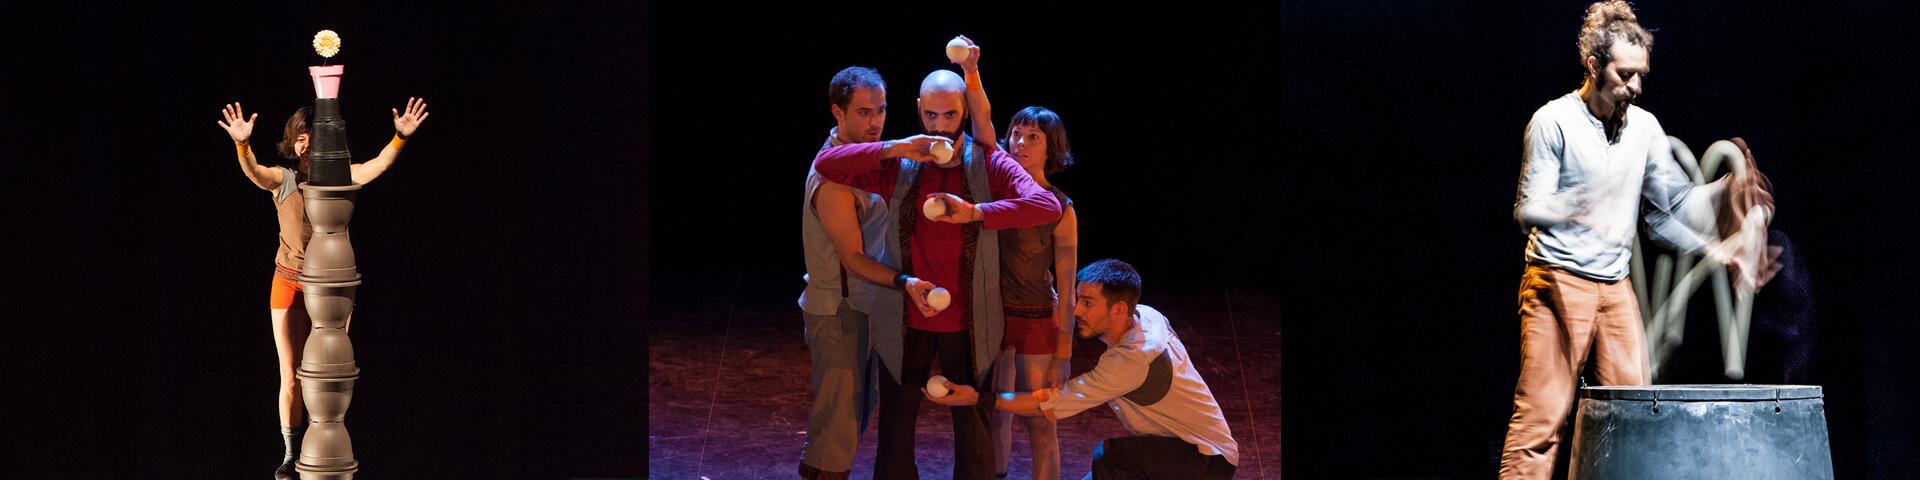 Espectacle Potted. Companyia de circ La Trócola circ